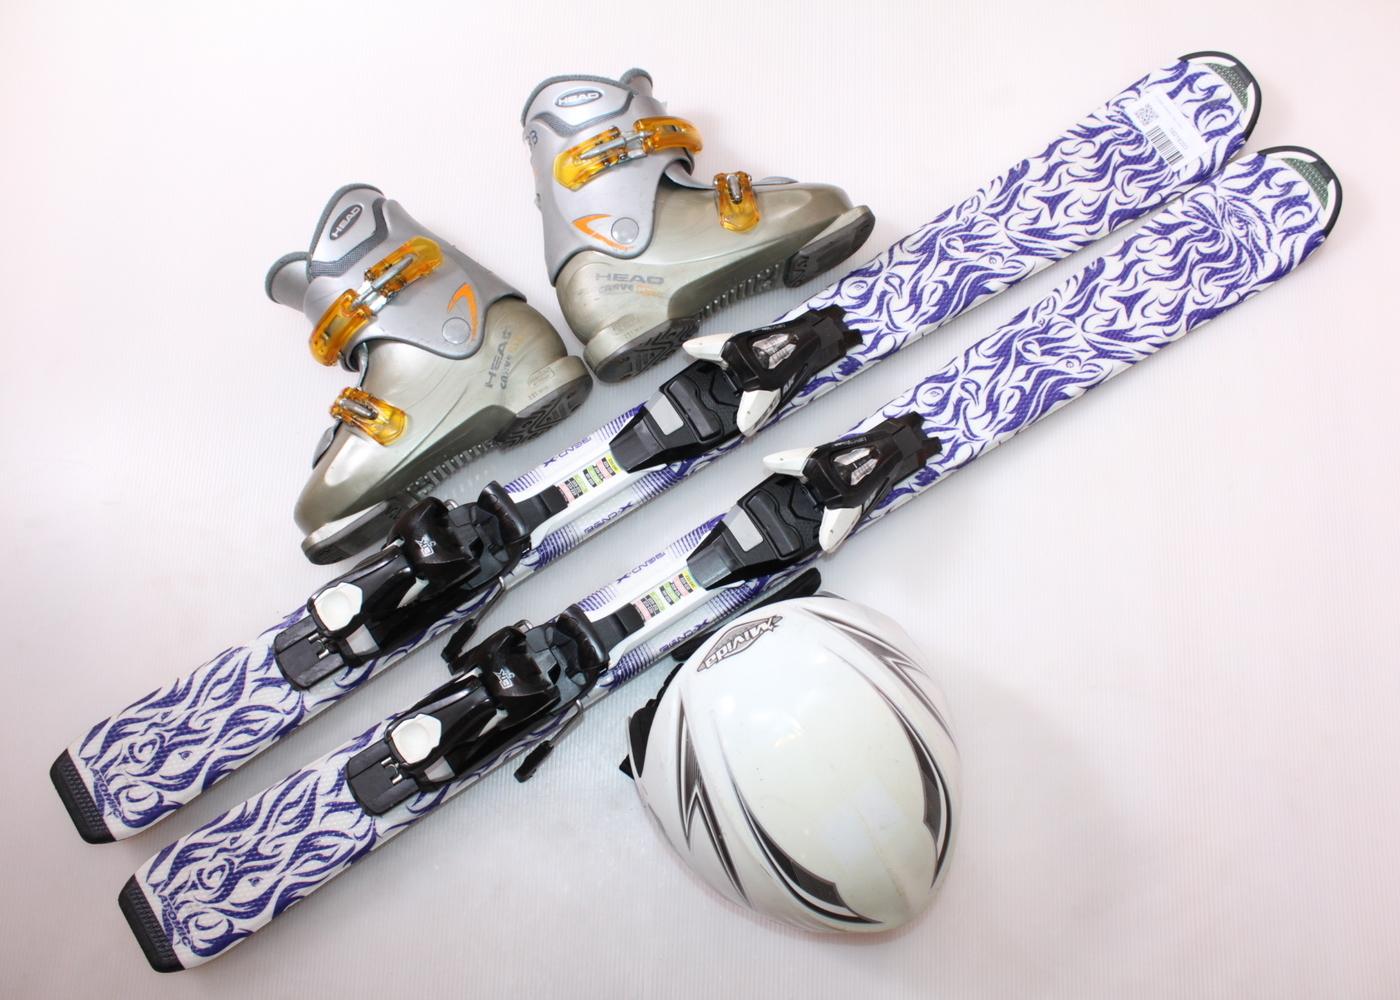 Dětské lyže ATOMIC ANIMAL FUN 110 cm + lyžáky  34EU + helma